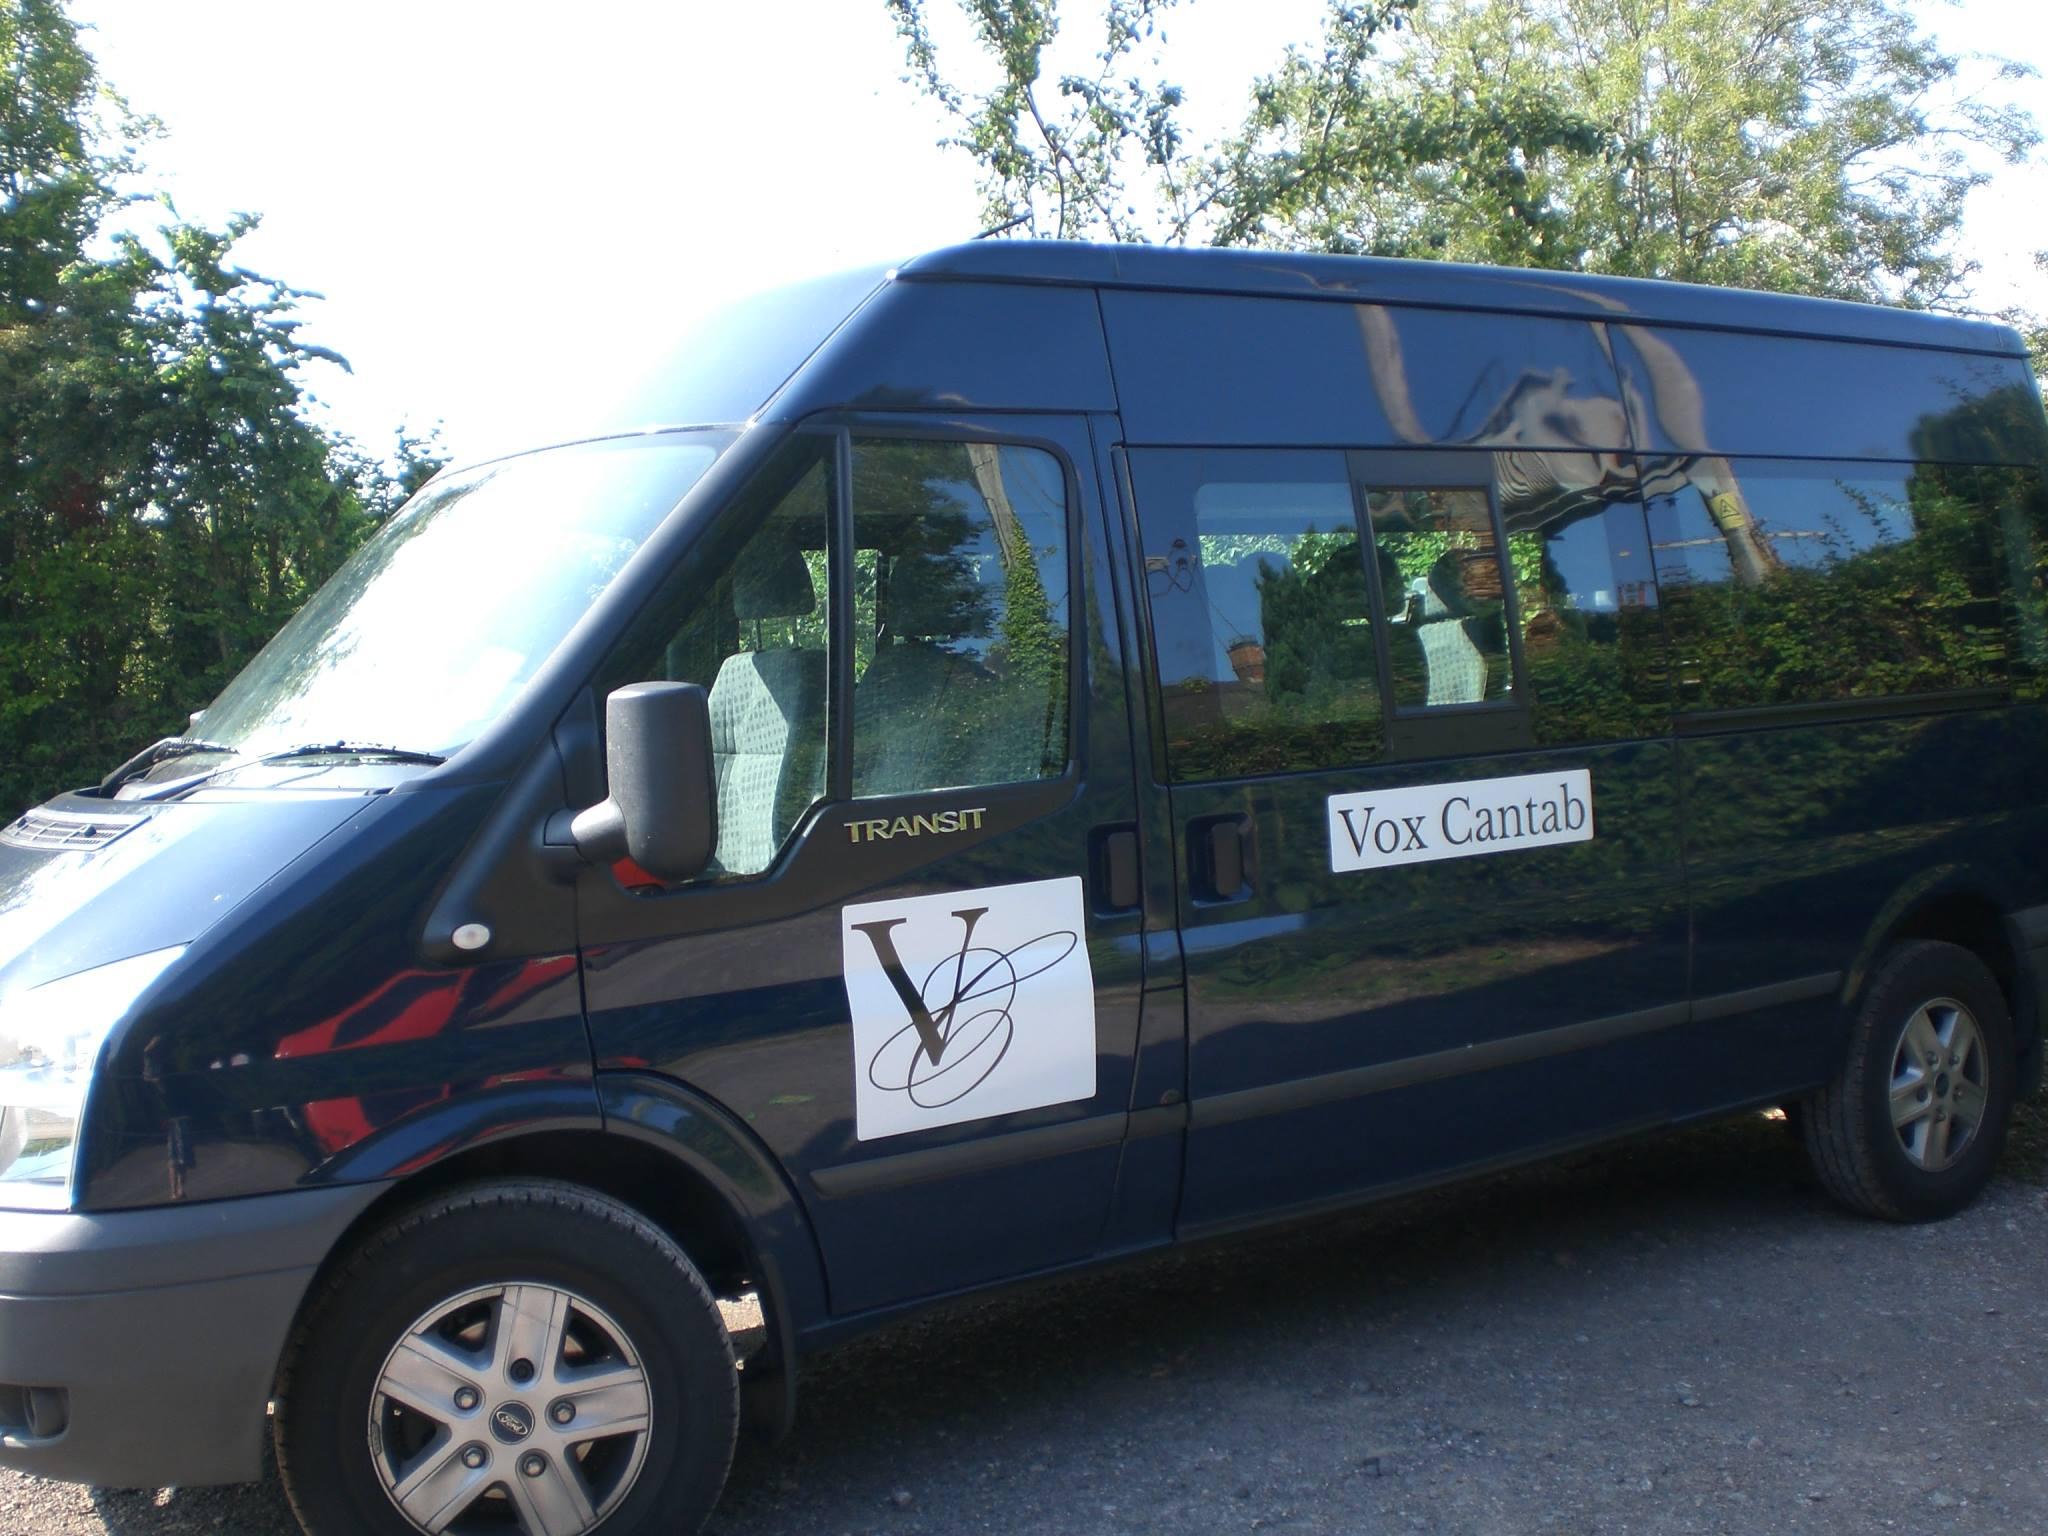 The Vox Cantab minibus